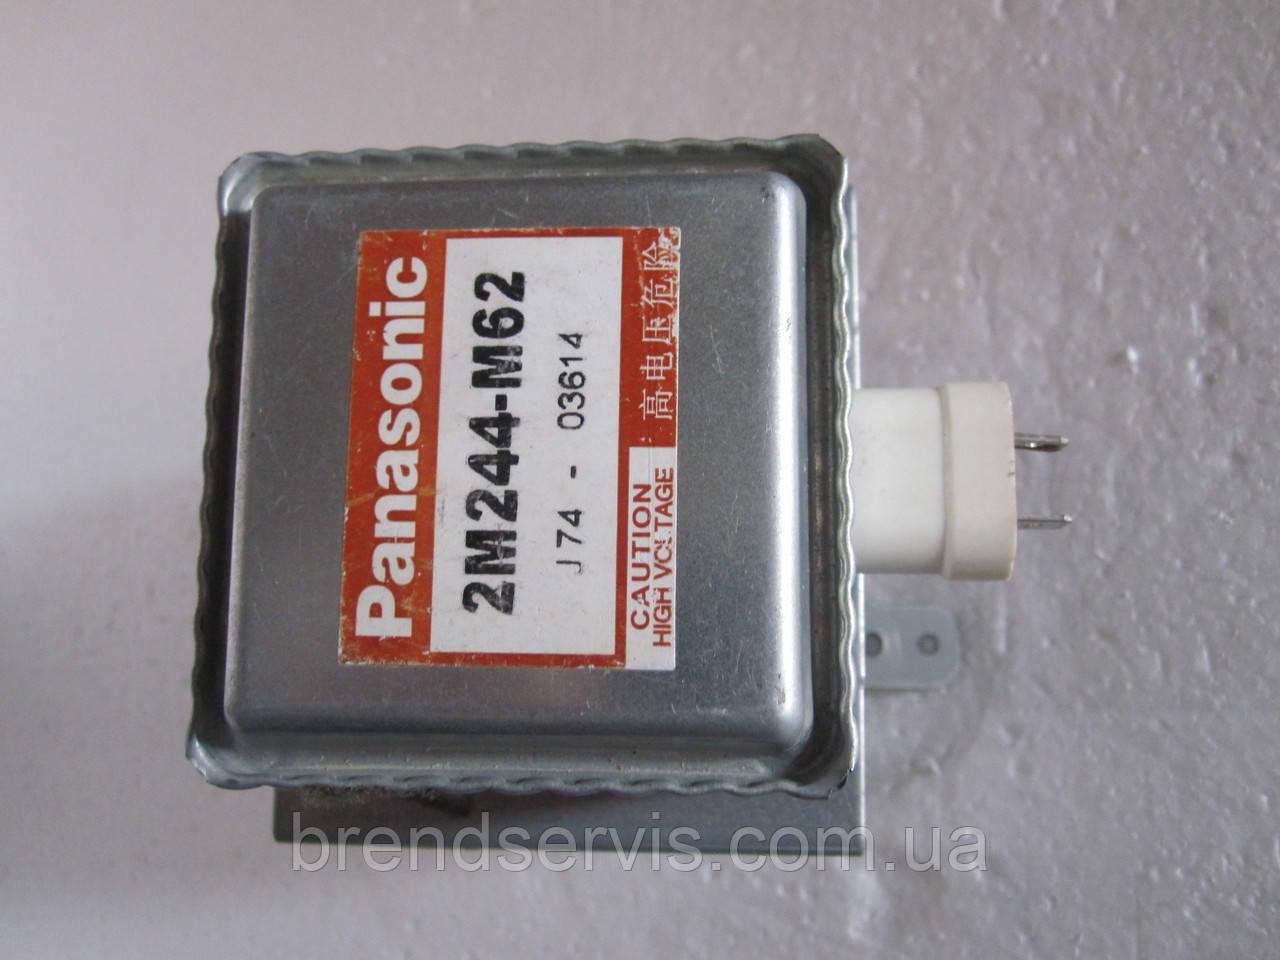 Магнетрон б/у в хорошем состоянии для микроволновки Panasonic